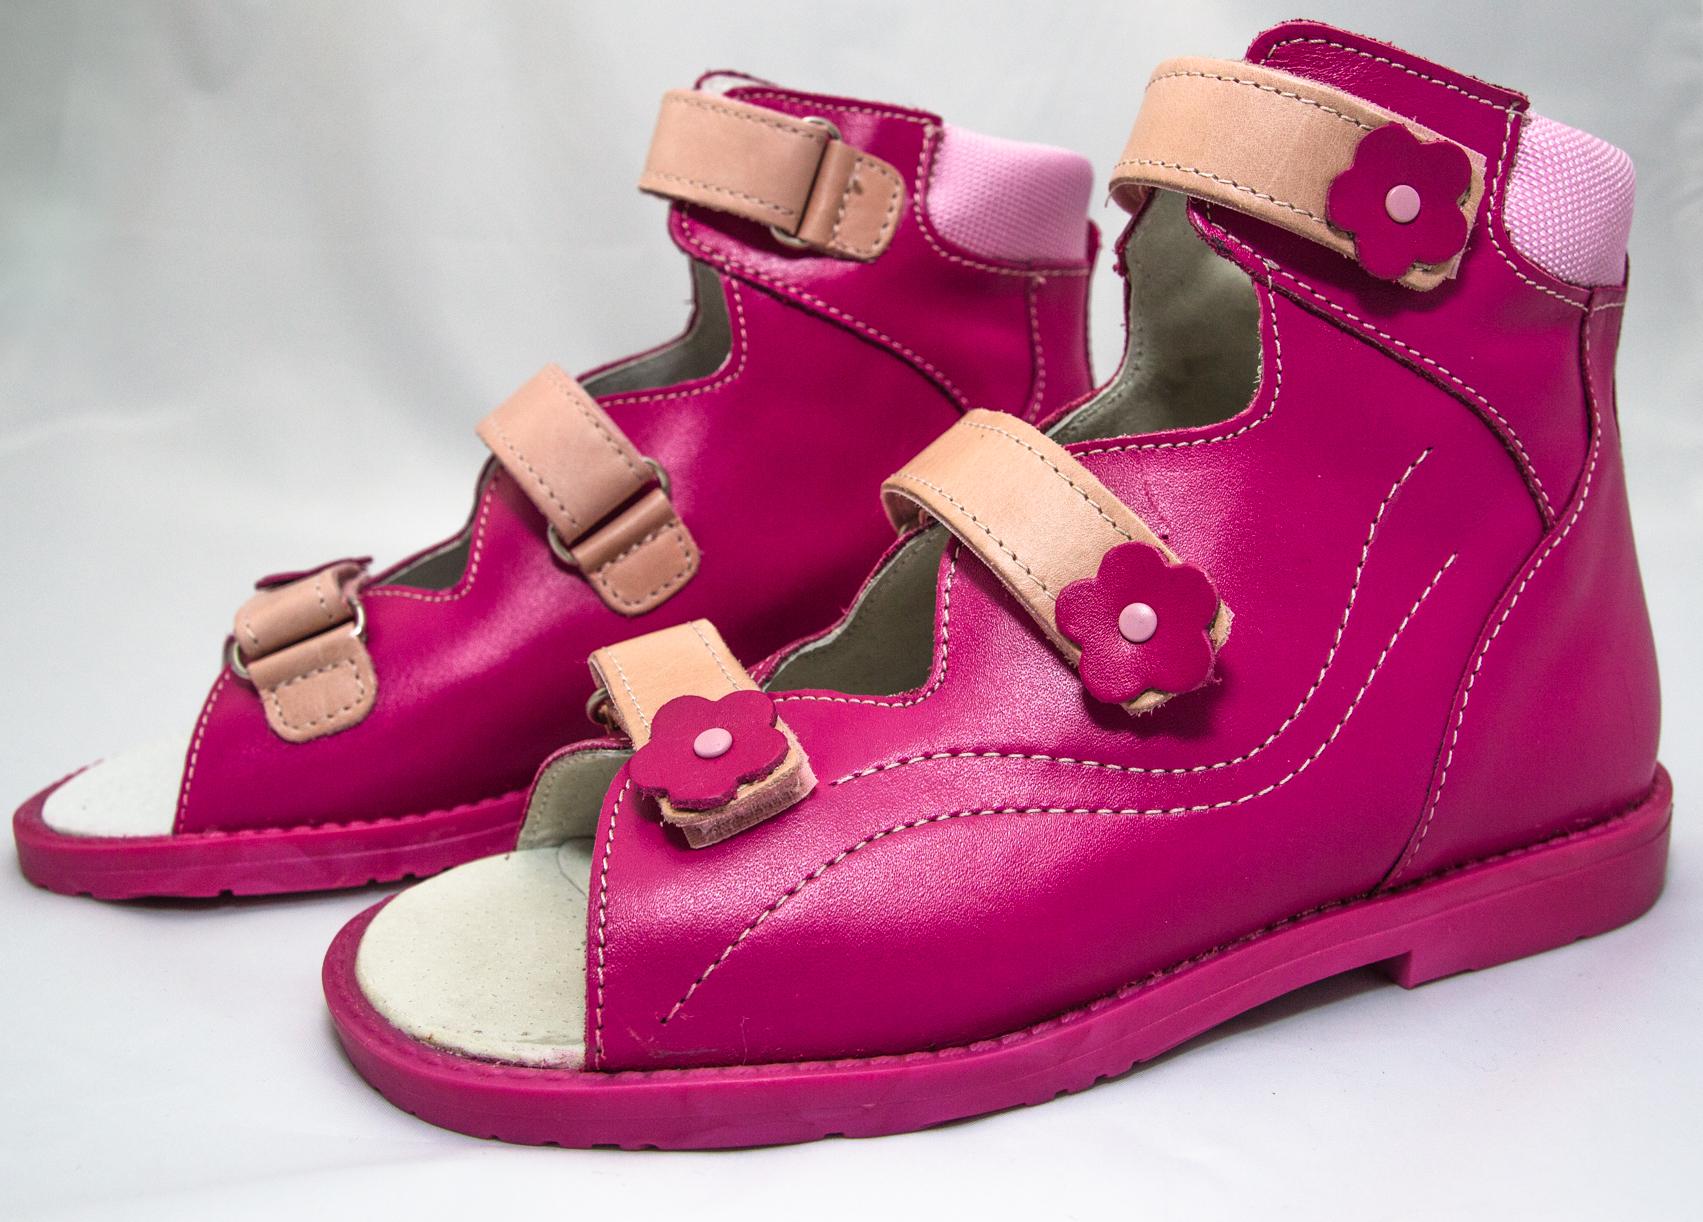 25637b6eef9 Ortopeedilised laste jalanõud kõrge kannaosaga T05 - Invaabi